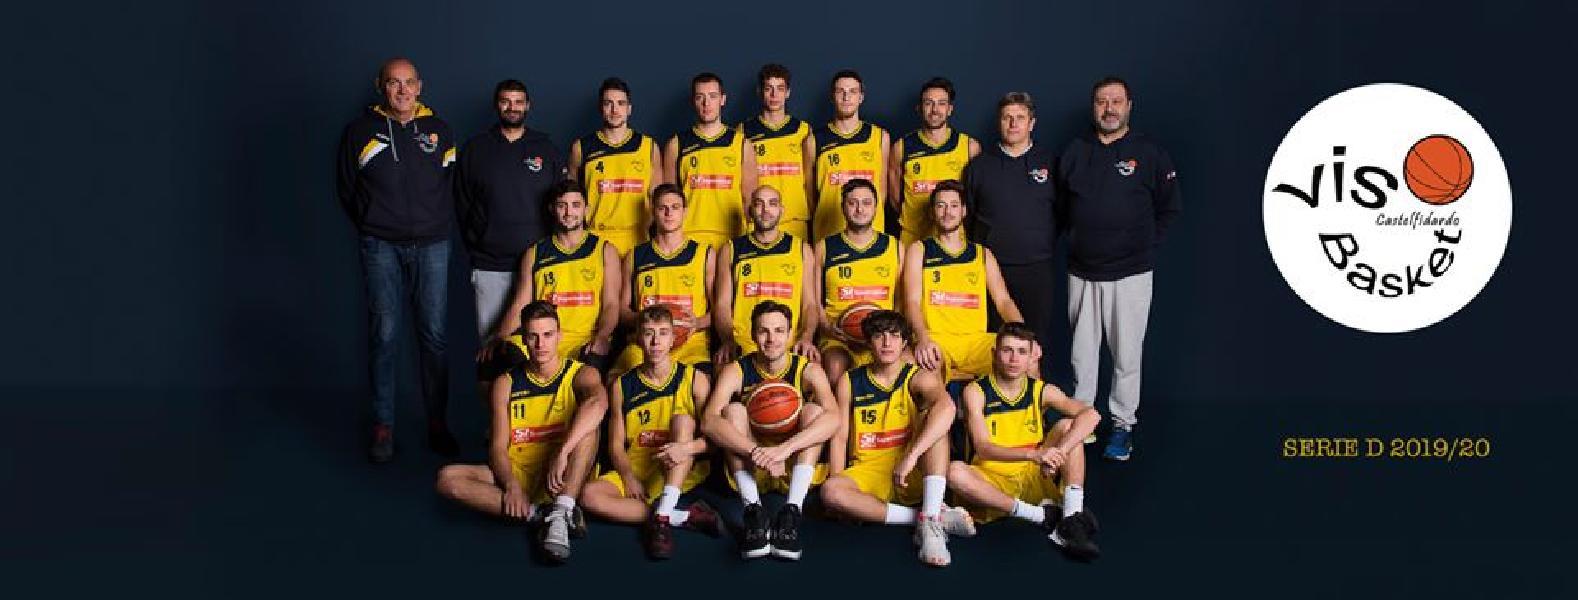 https://www.basketmarche.it/immagini_articoli/17-01-2020/castelfidardo-attesa-sfida-capolista-santarcangelo-angels-600.jpg